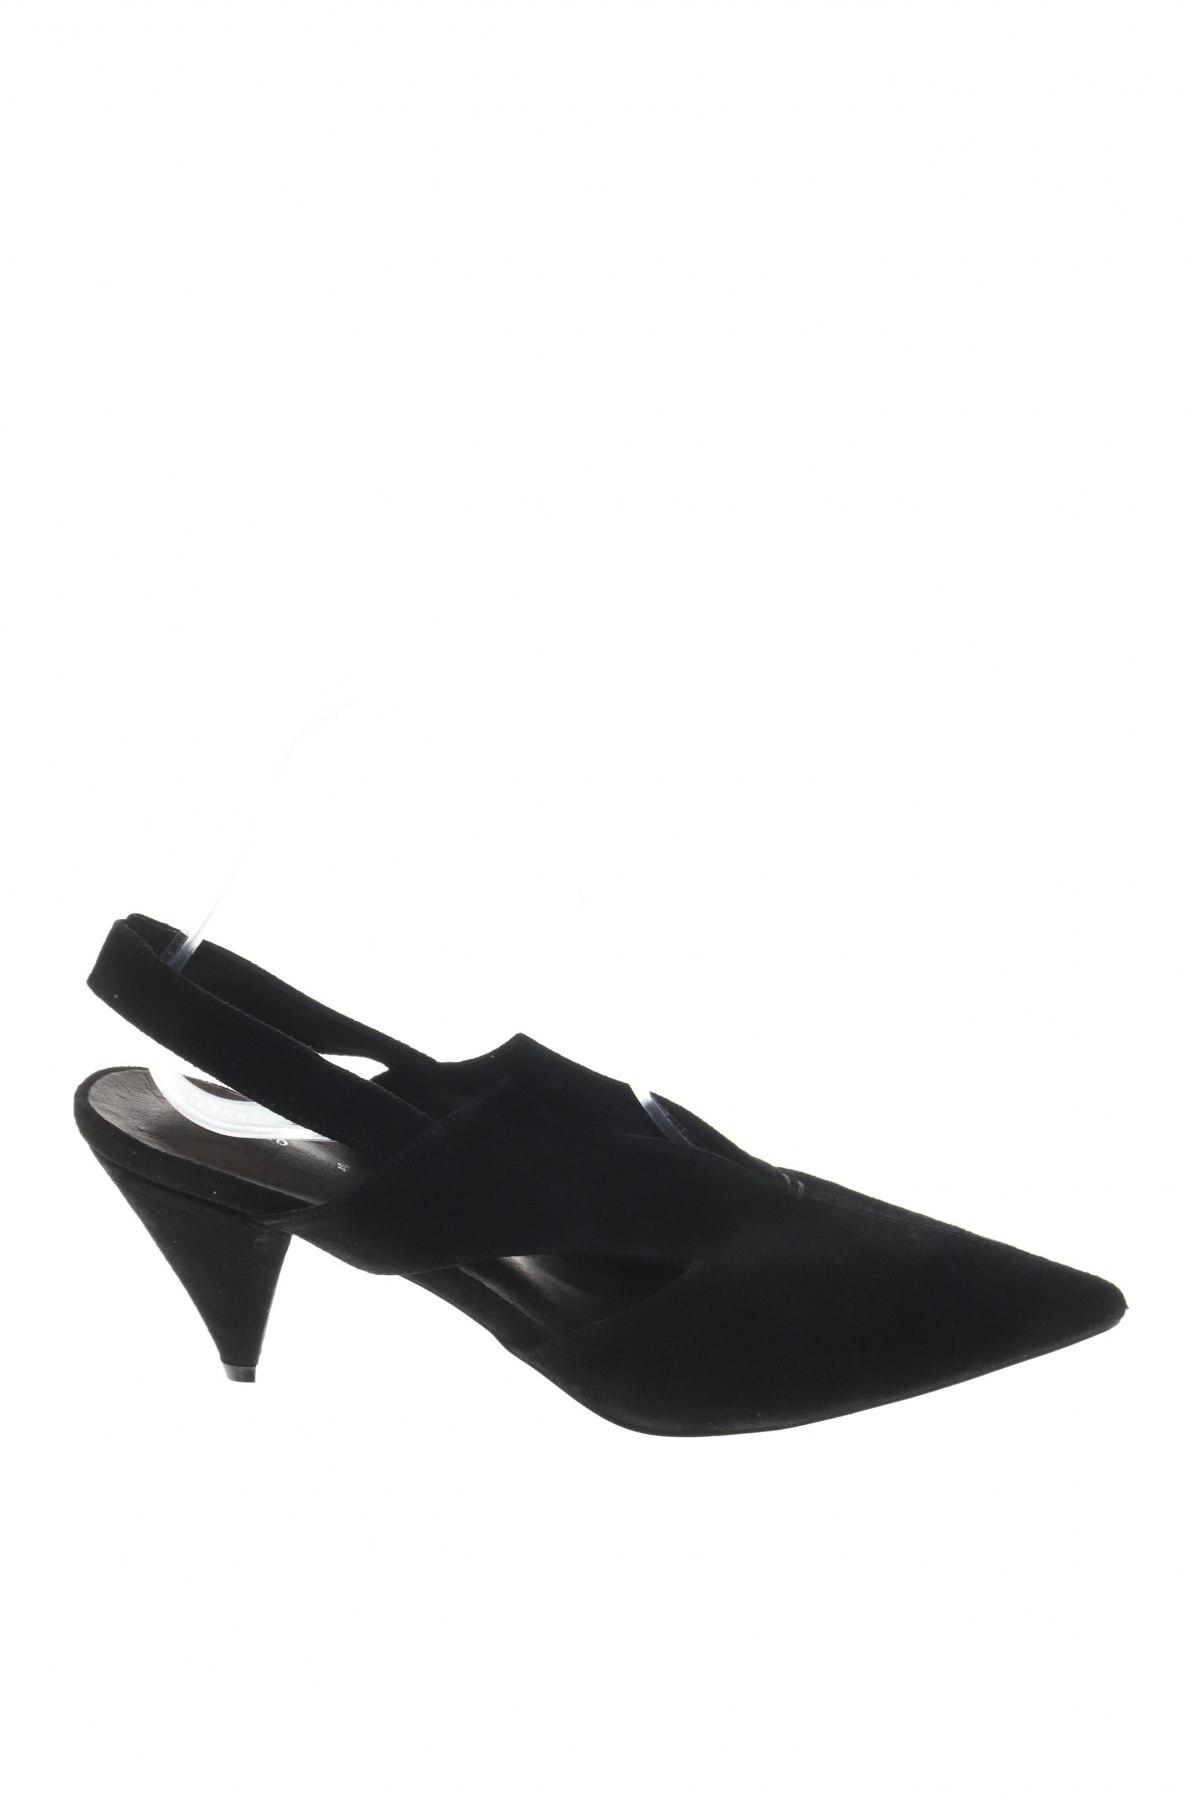 Γυναικεία παπούτσια Reserved, Μέγεθος 40, Χρώμα Μαύρο, Φυσικό σουέτ, Τιμή 15,31€